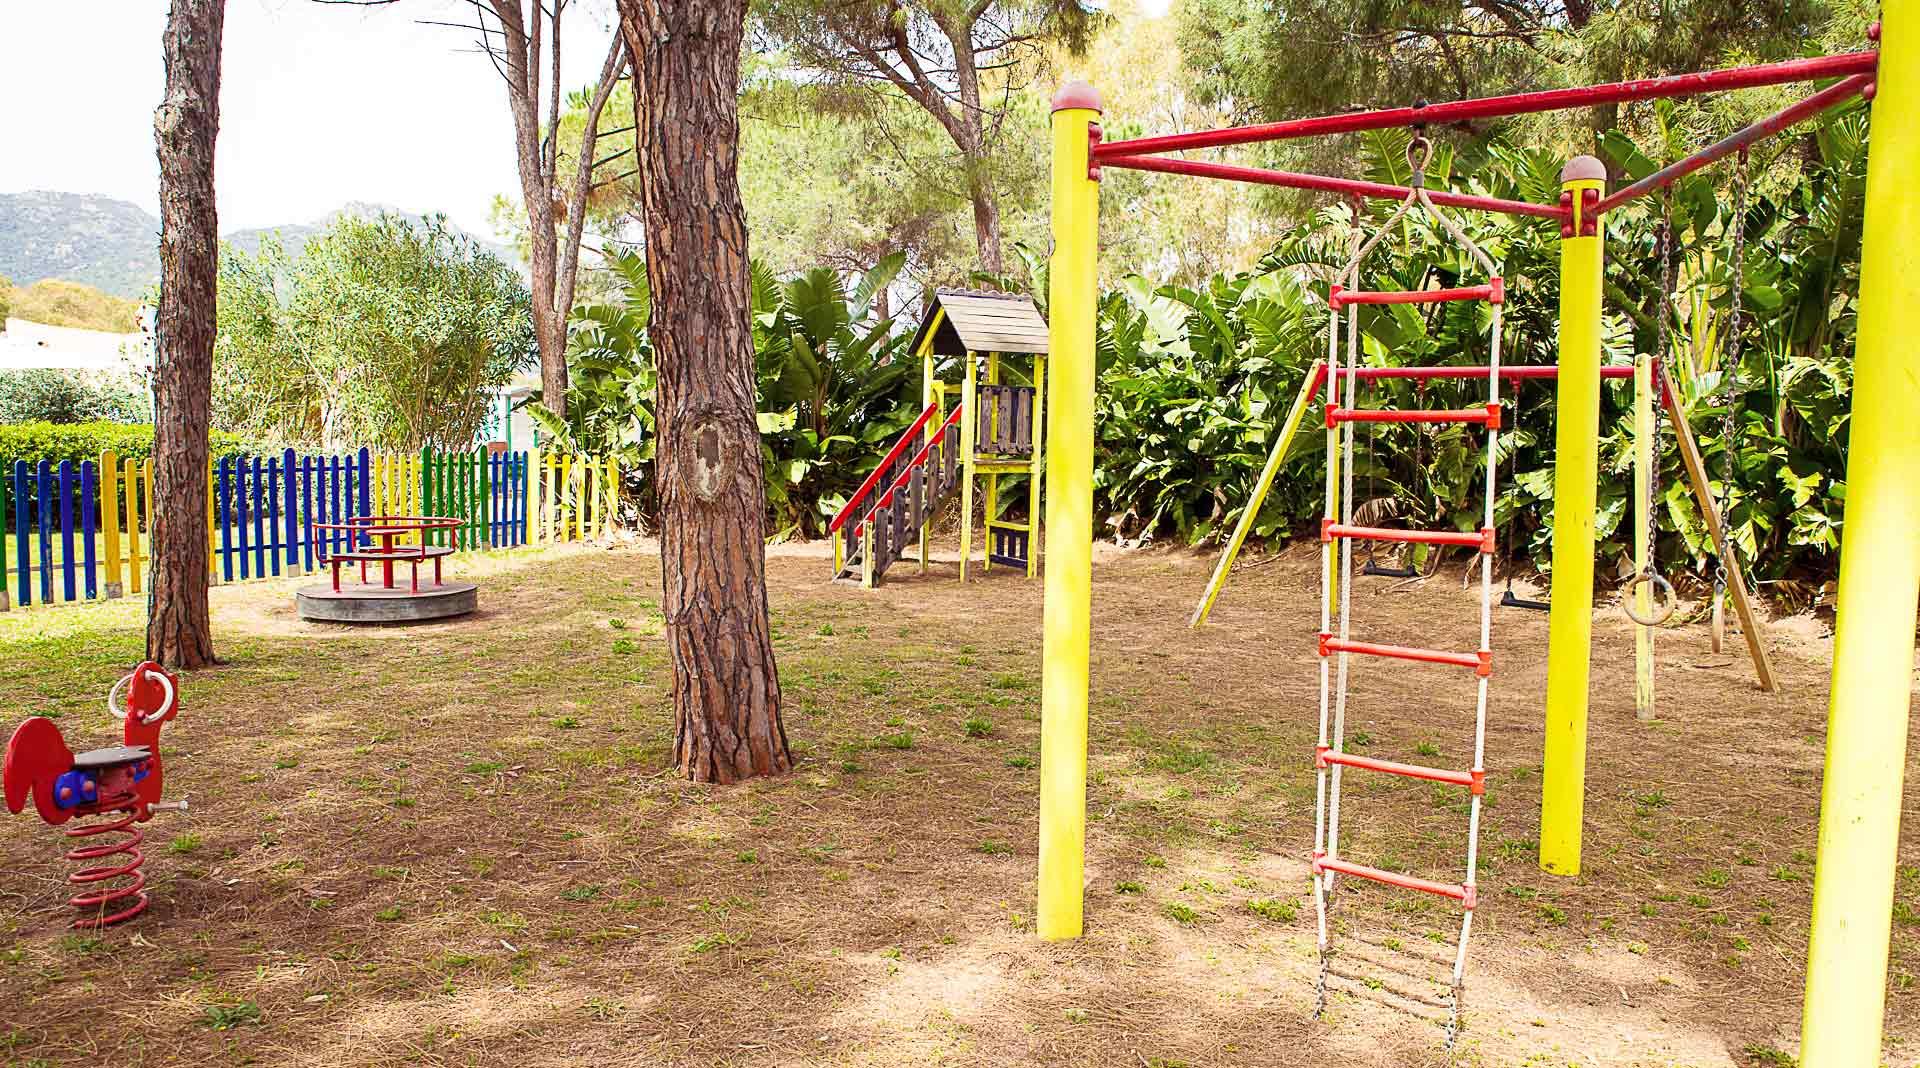 Parco giochi per bambini in campeggio